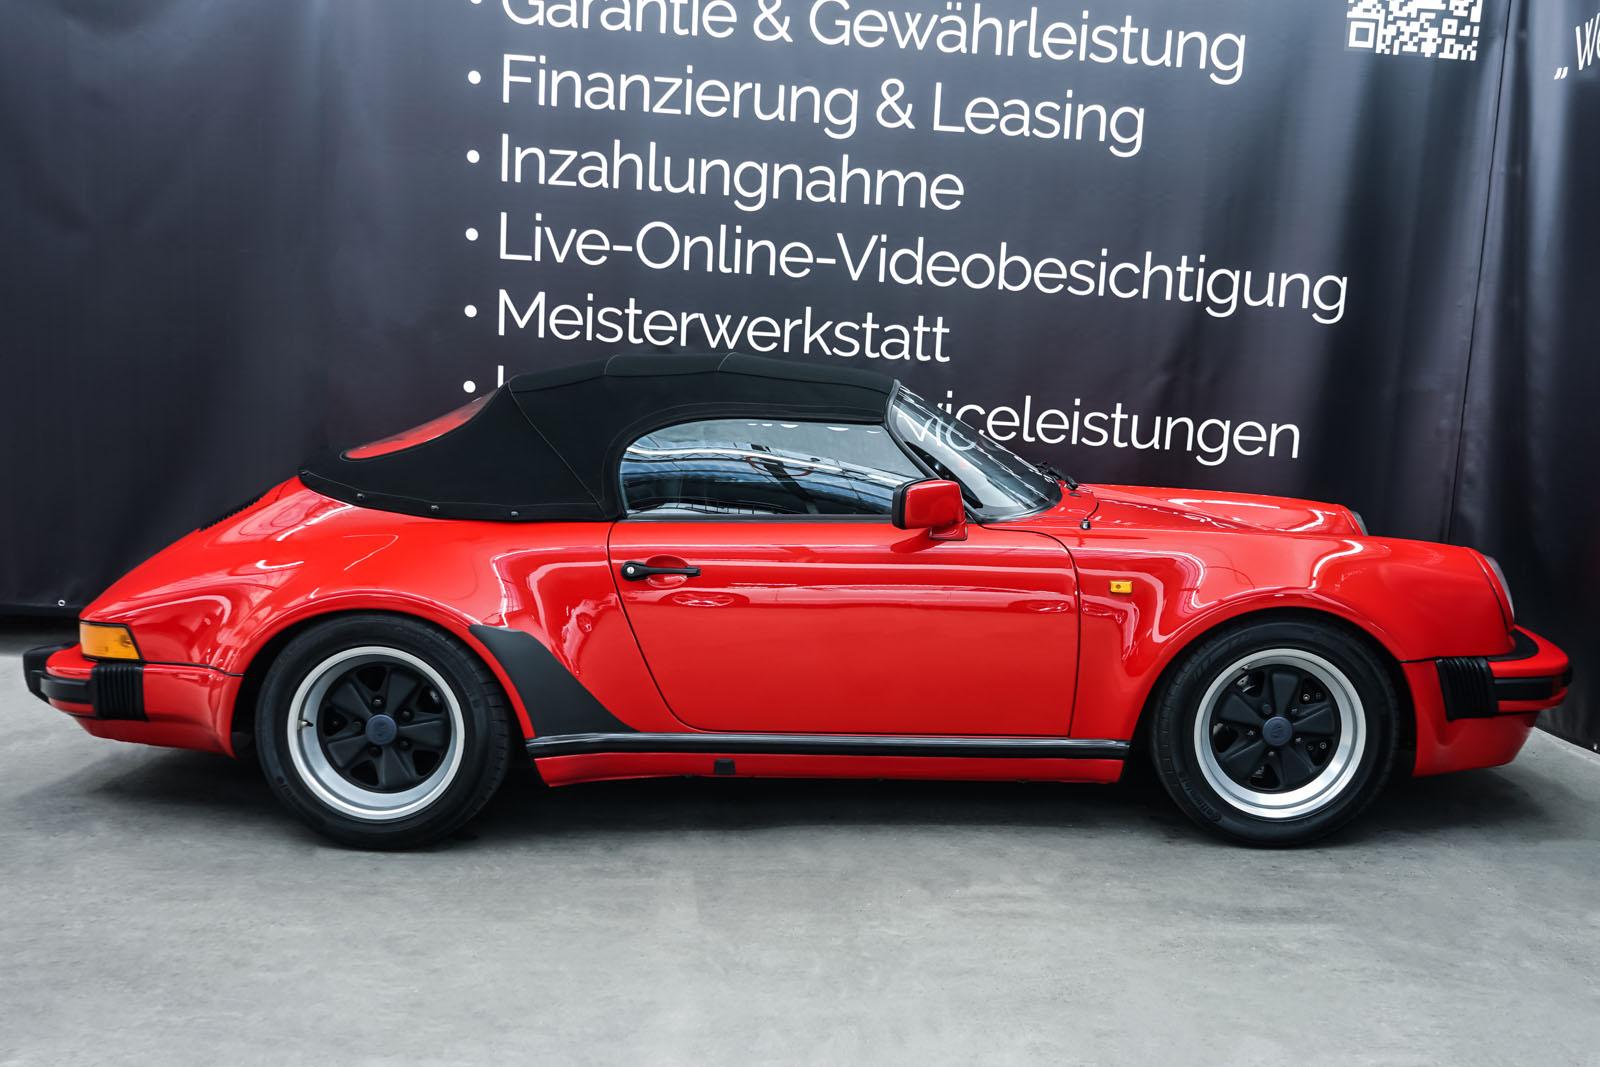 Porsche_911_Speedster_Rot_Schwarz_POR-2352_19_w